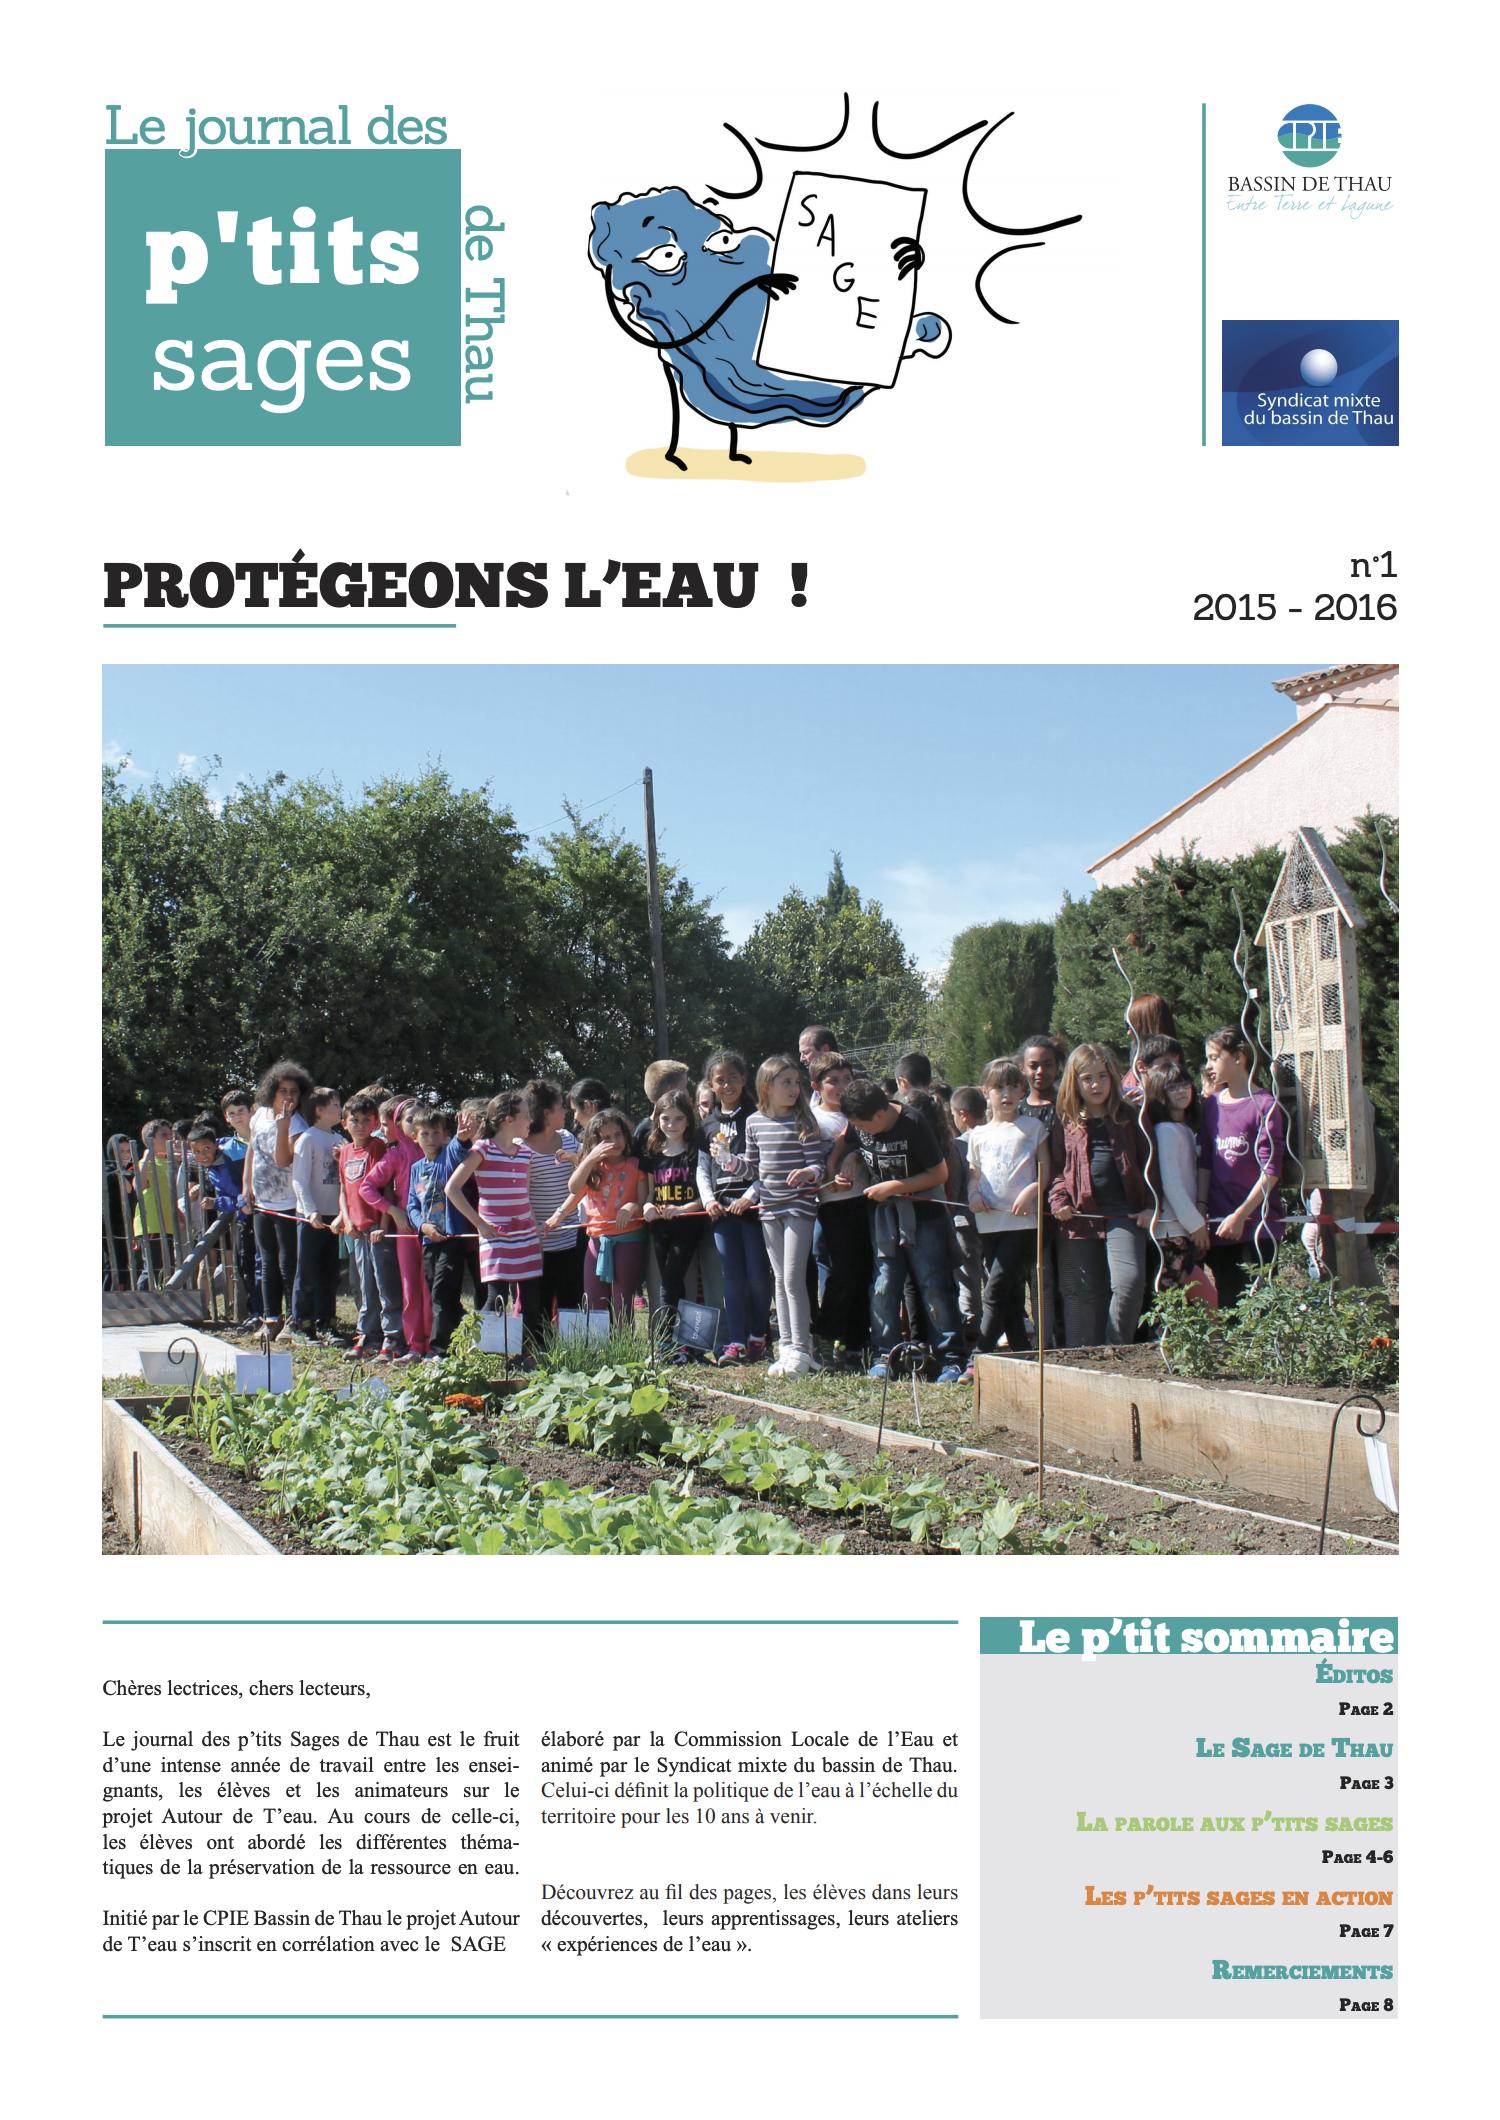 Journal des petits SAGE 2015-2016